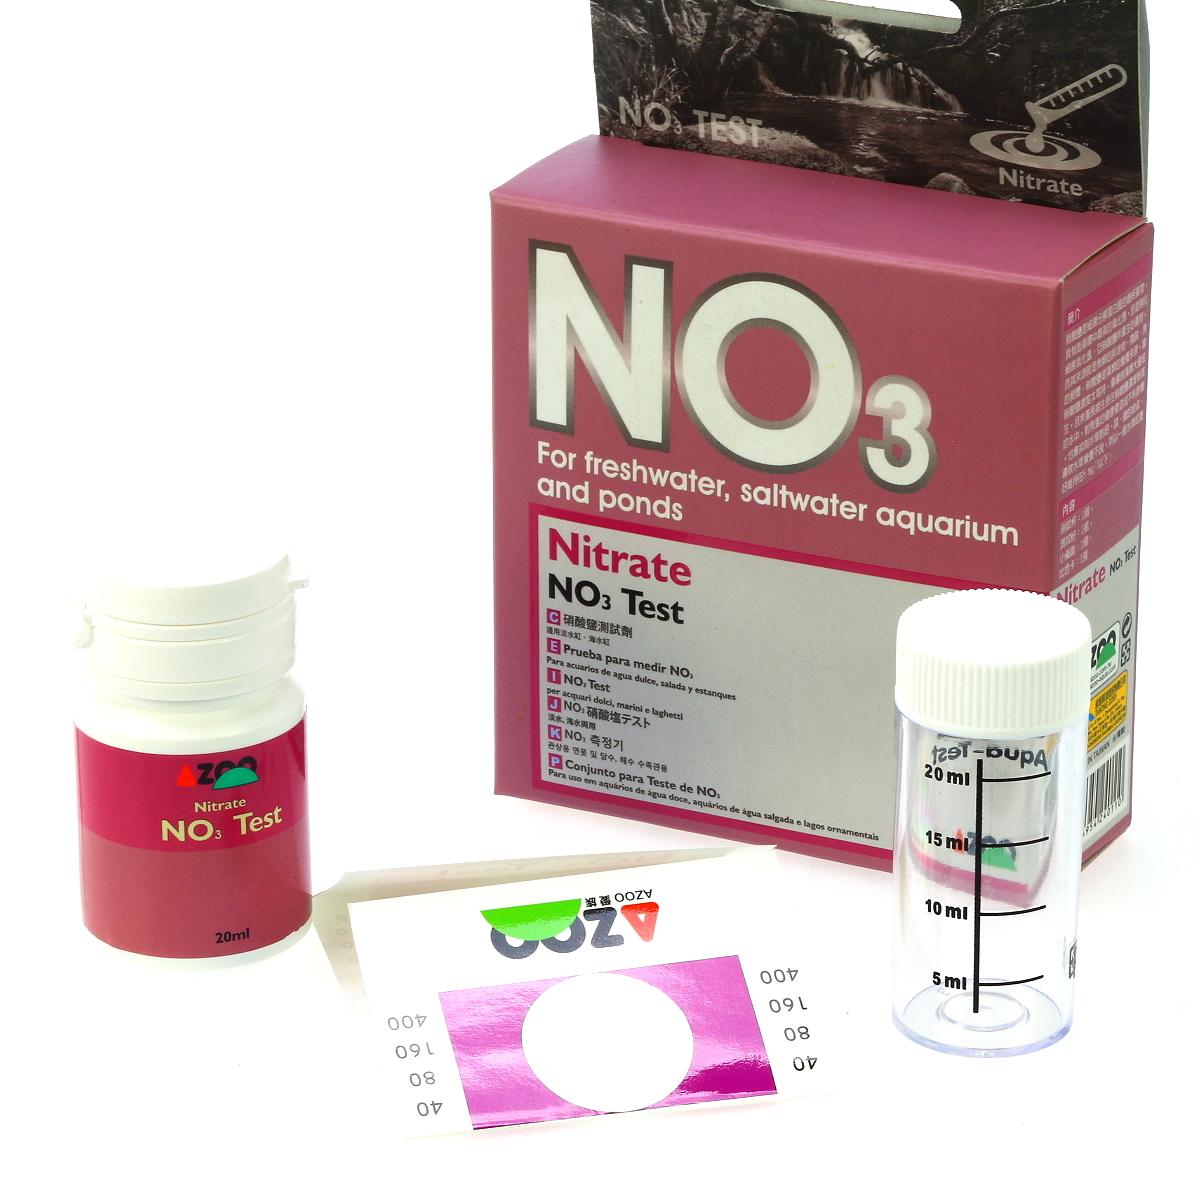 Fish tank test kit - No3 Nitrate Test Kit Aquarium Freshwater Saltwater Fish